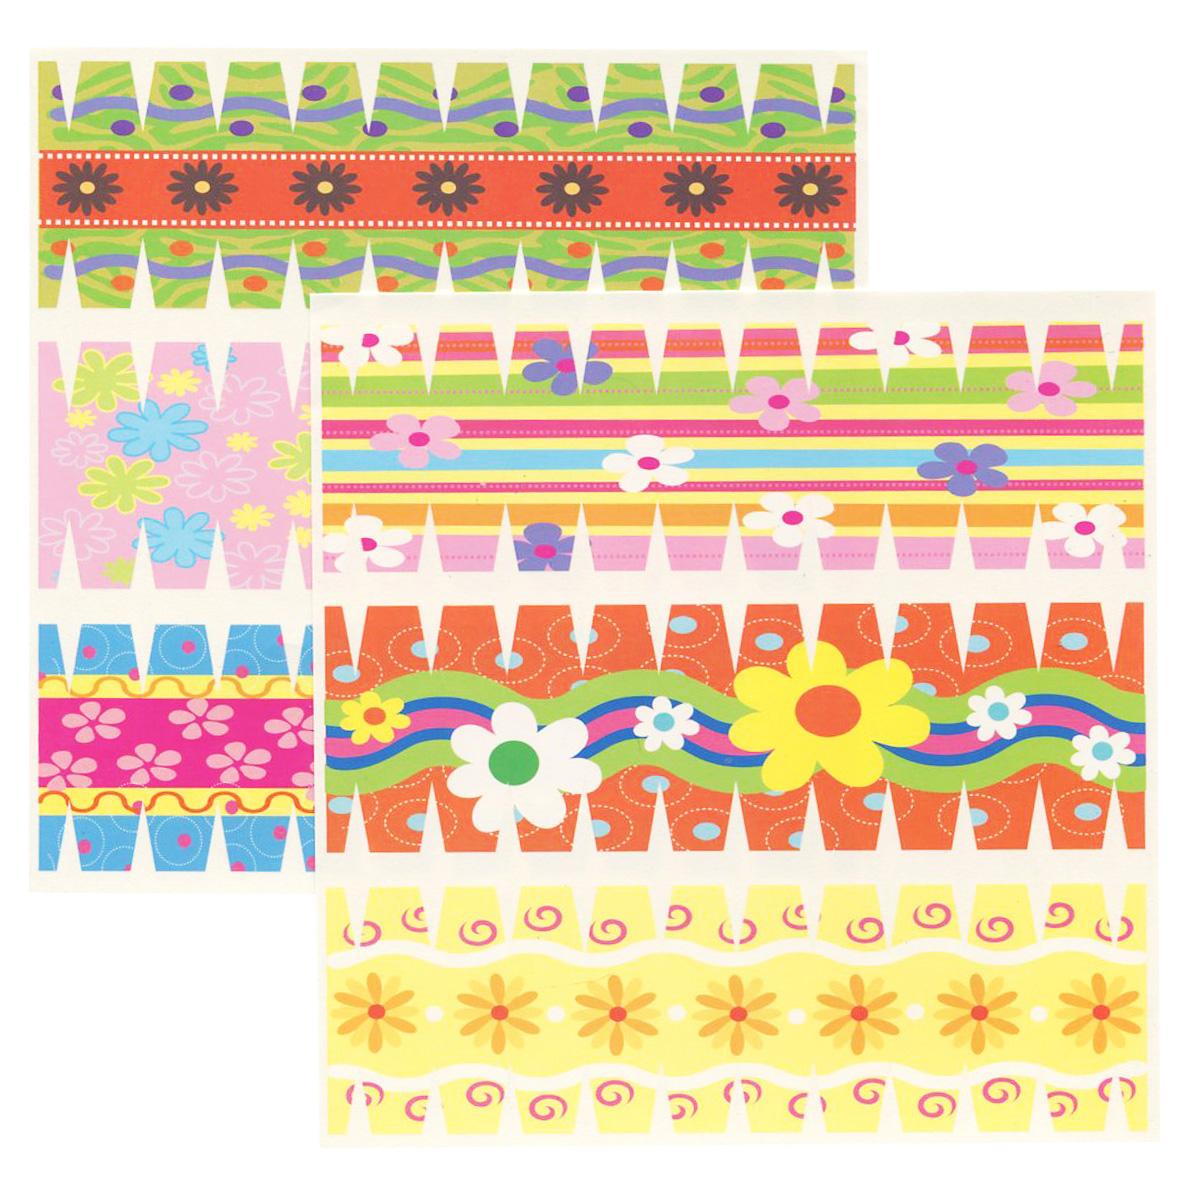 Набор переводных наклеек для яиц Home Queen Цветы, 6 шт60883_5Набор Home Queen Цветы состоит из 6 переводных наклеек, которые предназначены для декорирования пасхальных яиц. Наклейки выполнены из бумаги и украшены различными узорами. Такой набор украшений создаст атмосферу праздника в вашем доме. Размер наклейки: 4,4 см х 14,5 см.